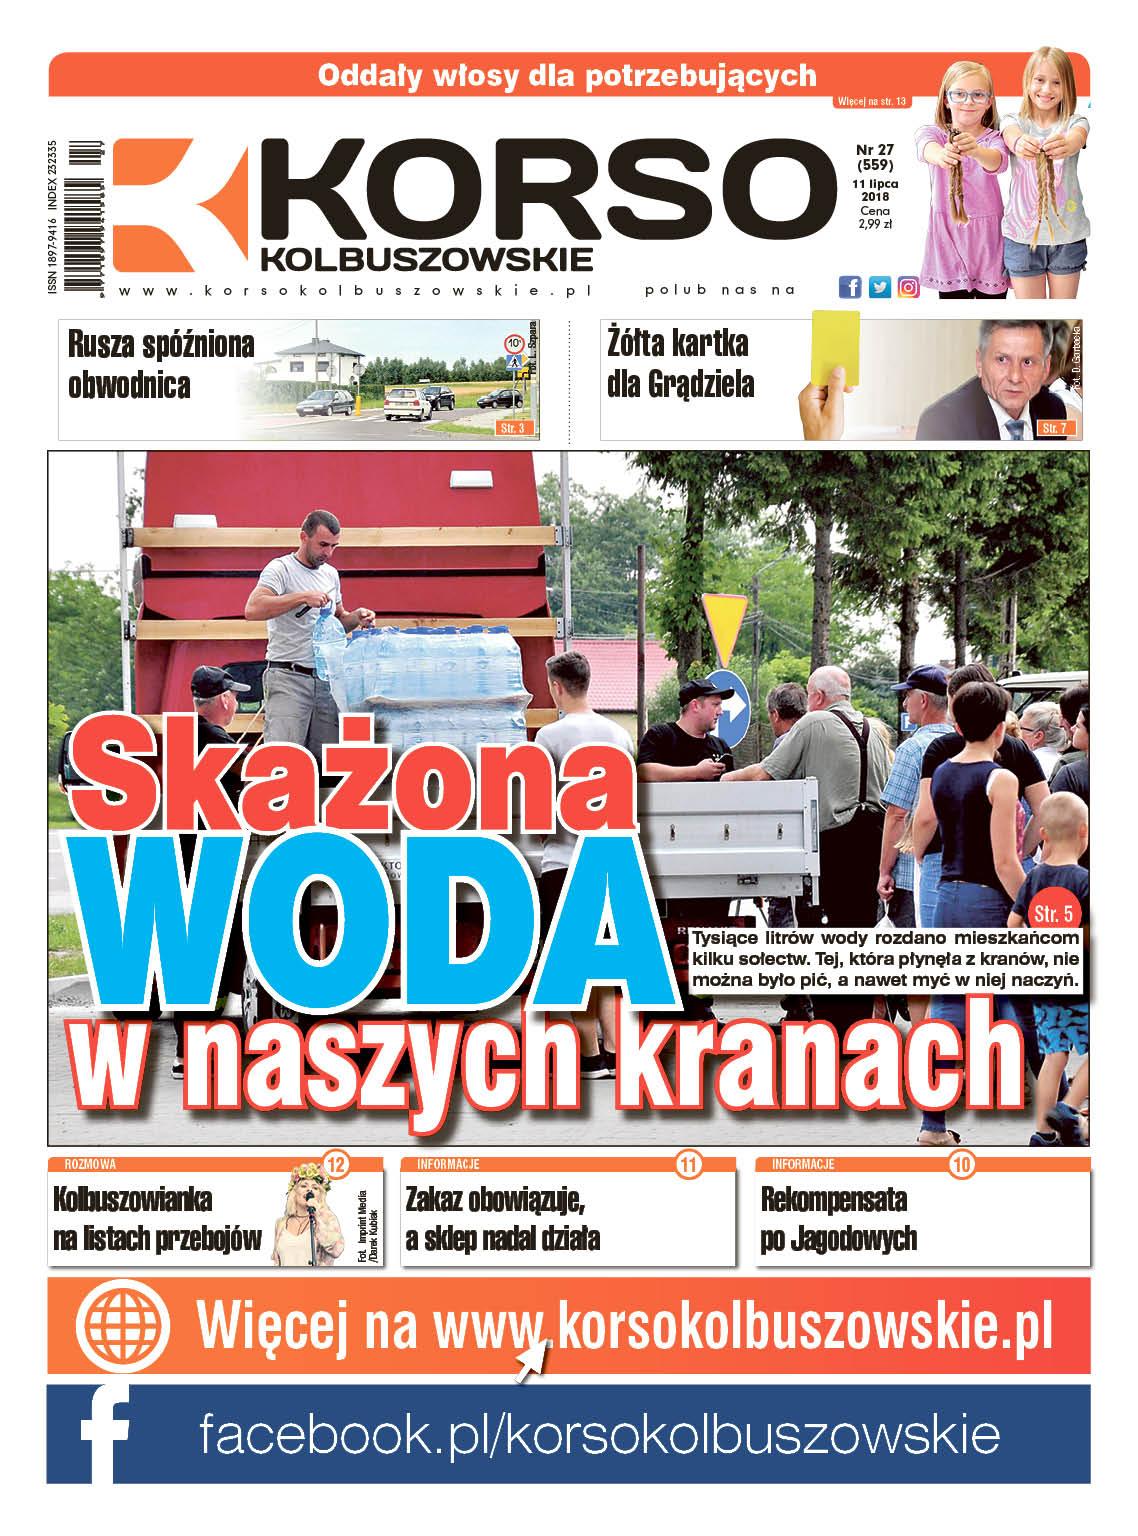 Korso Kolbuszowszkie - nr 27/2018 - Zdjęcie główne